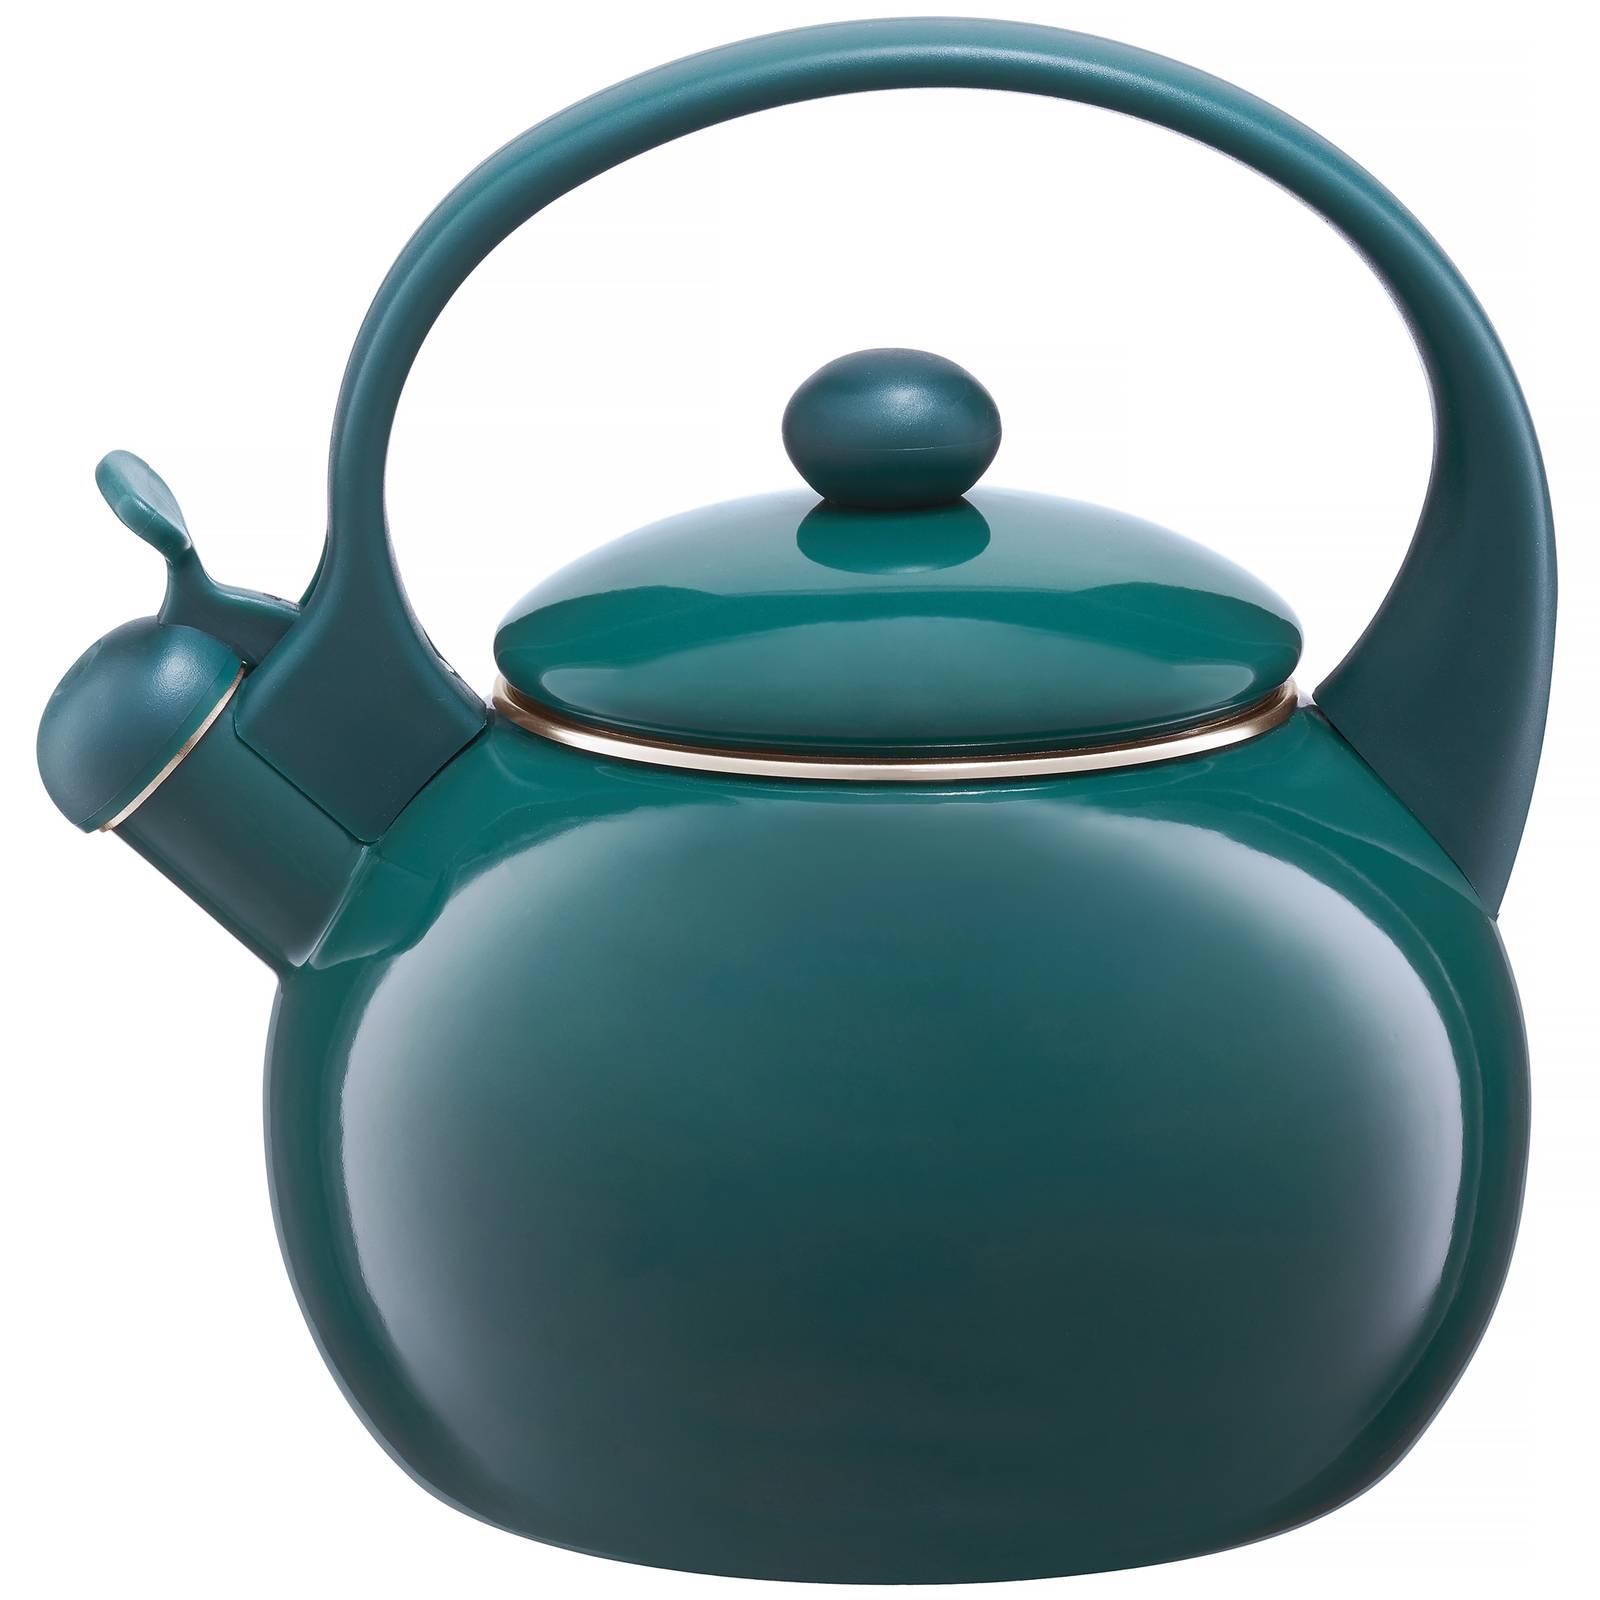 Smaltovaný čajník Bizet Green 2,2 l AMBITION